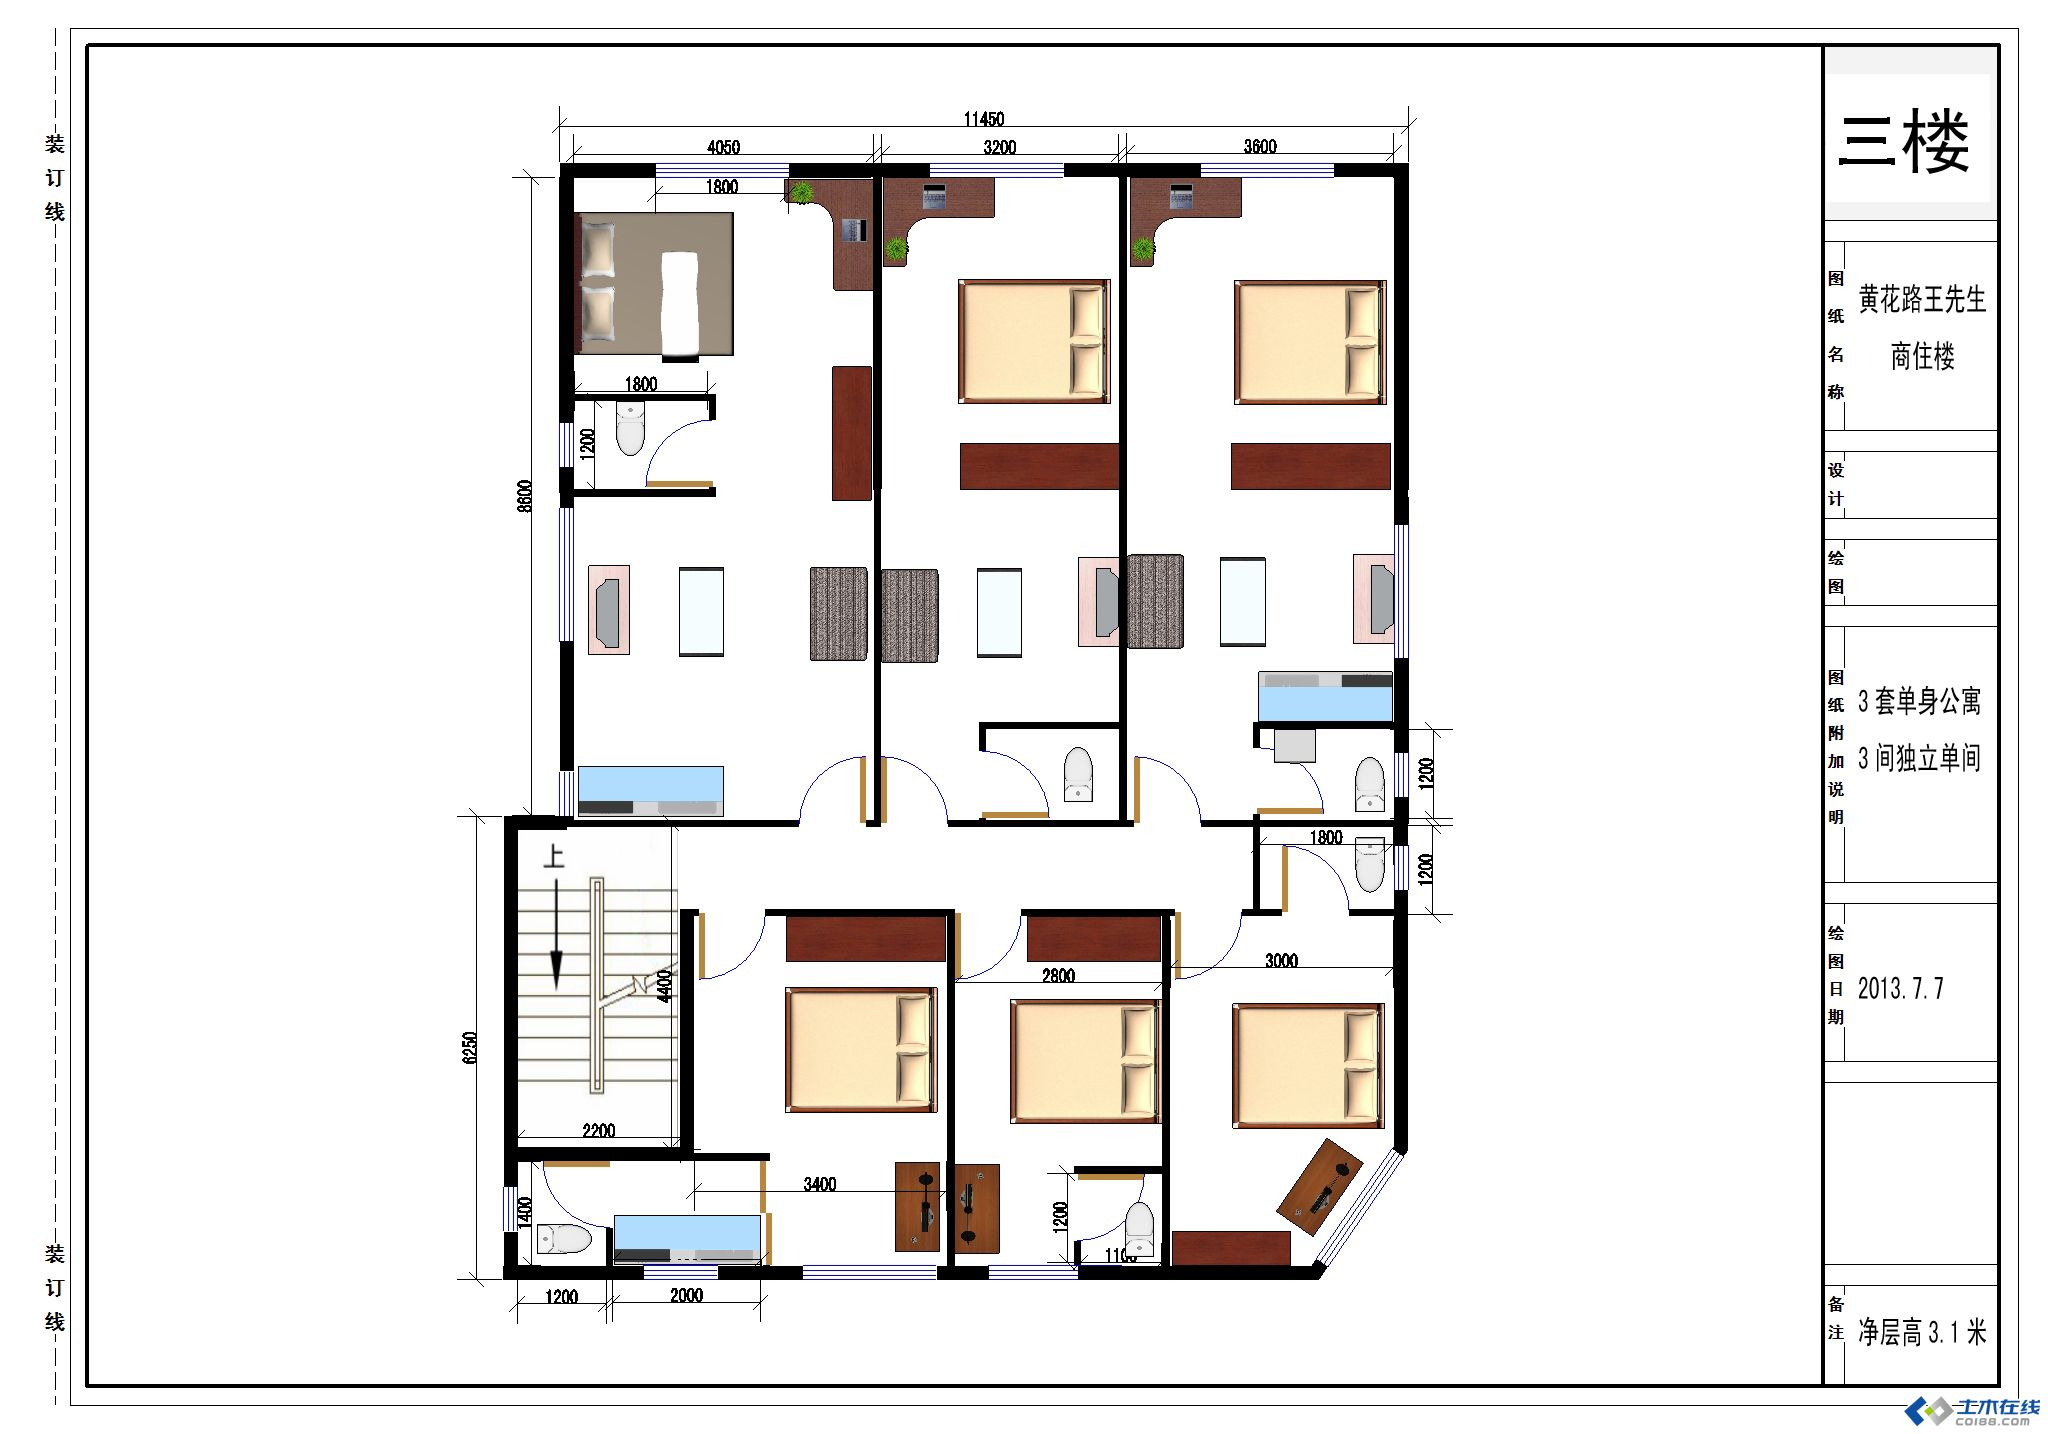 湖南长沙自建房,有平面图请高手设计结构施工图,愿出烟酒钱